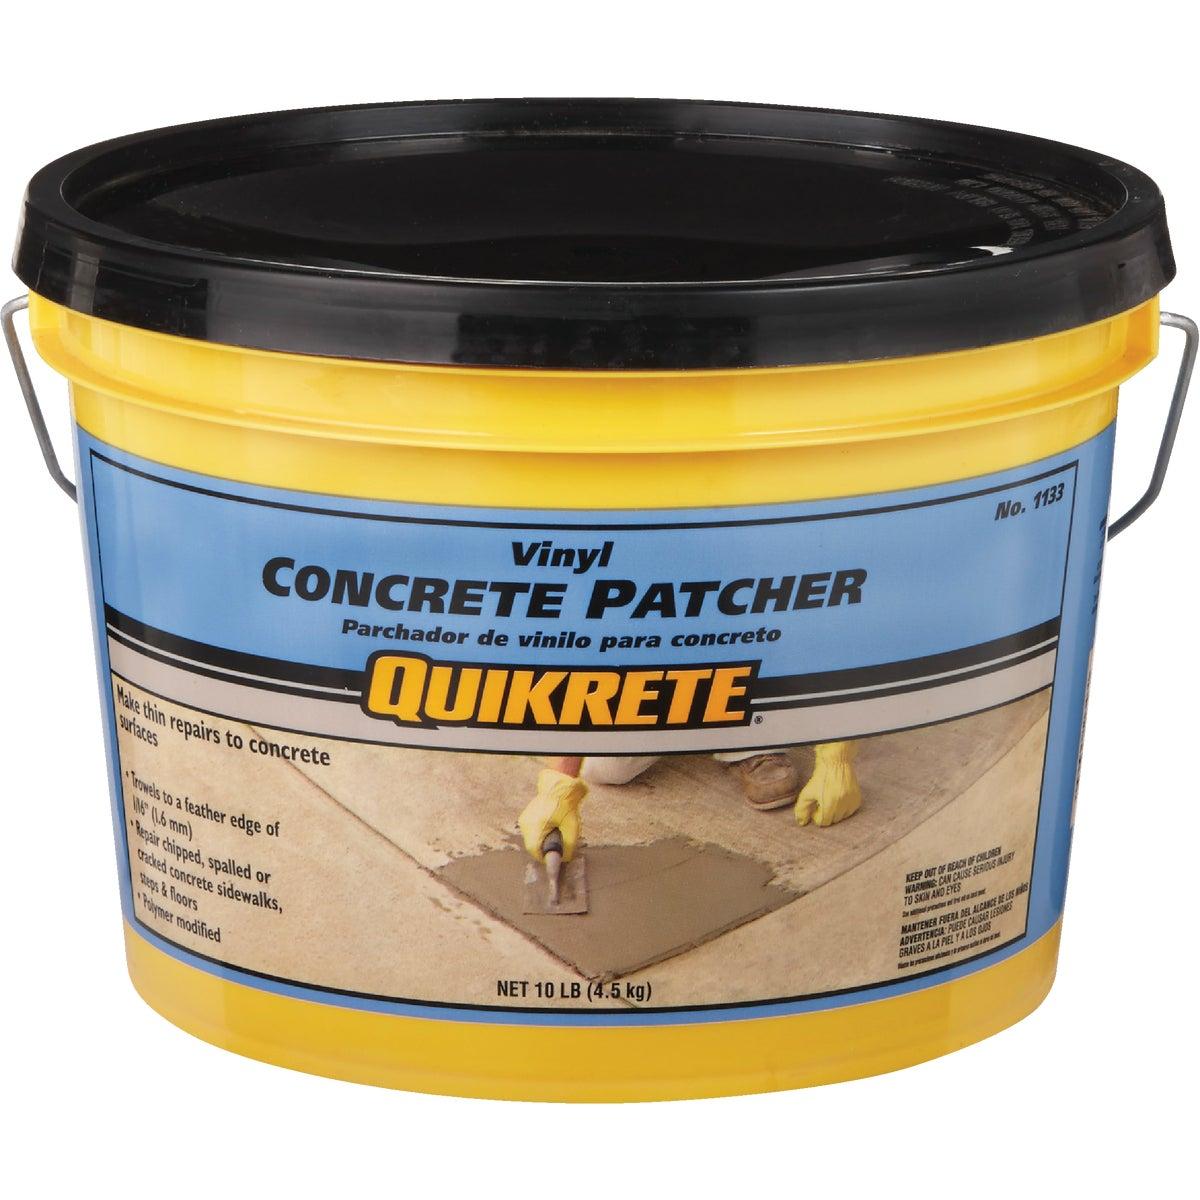 10Lb Vinyl Concr Patcher